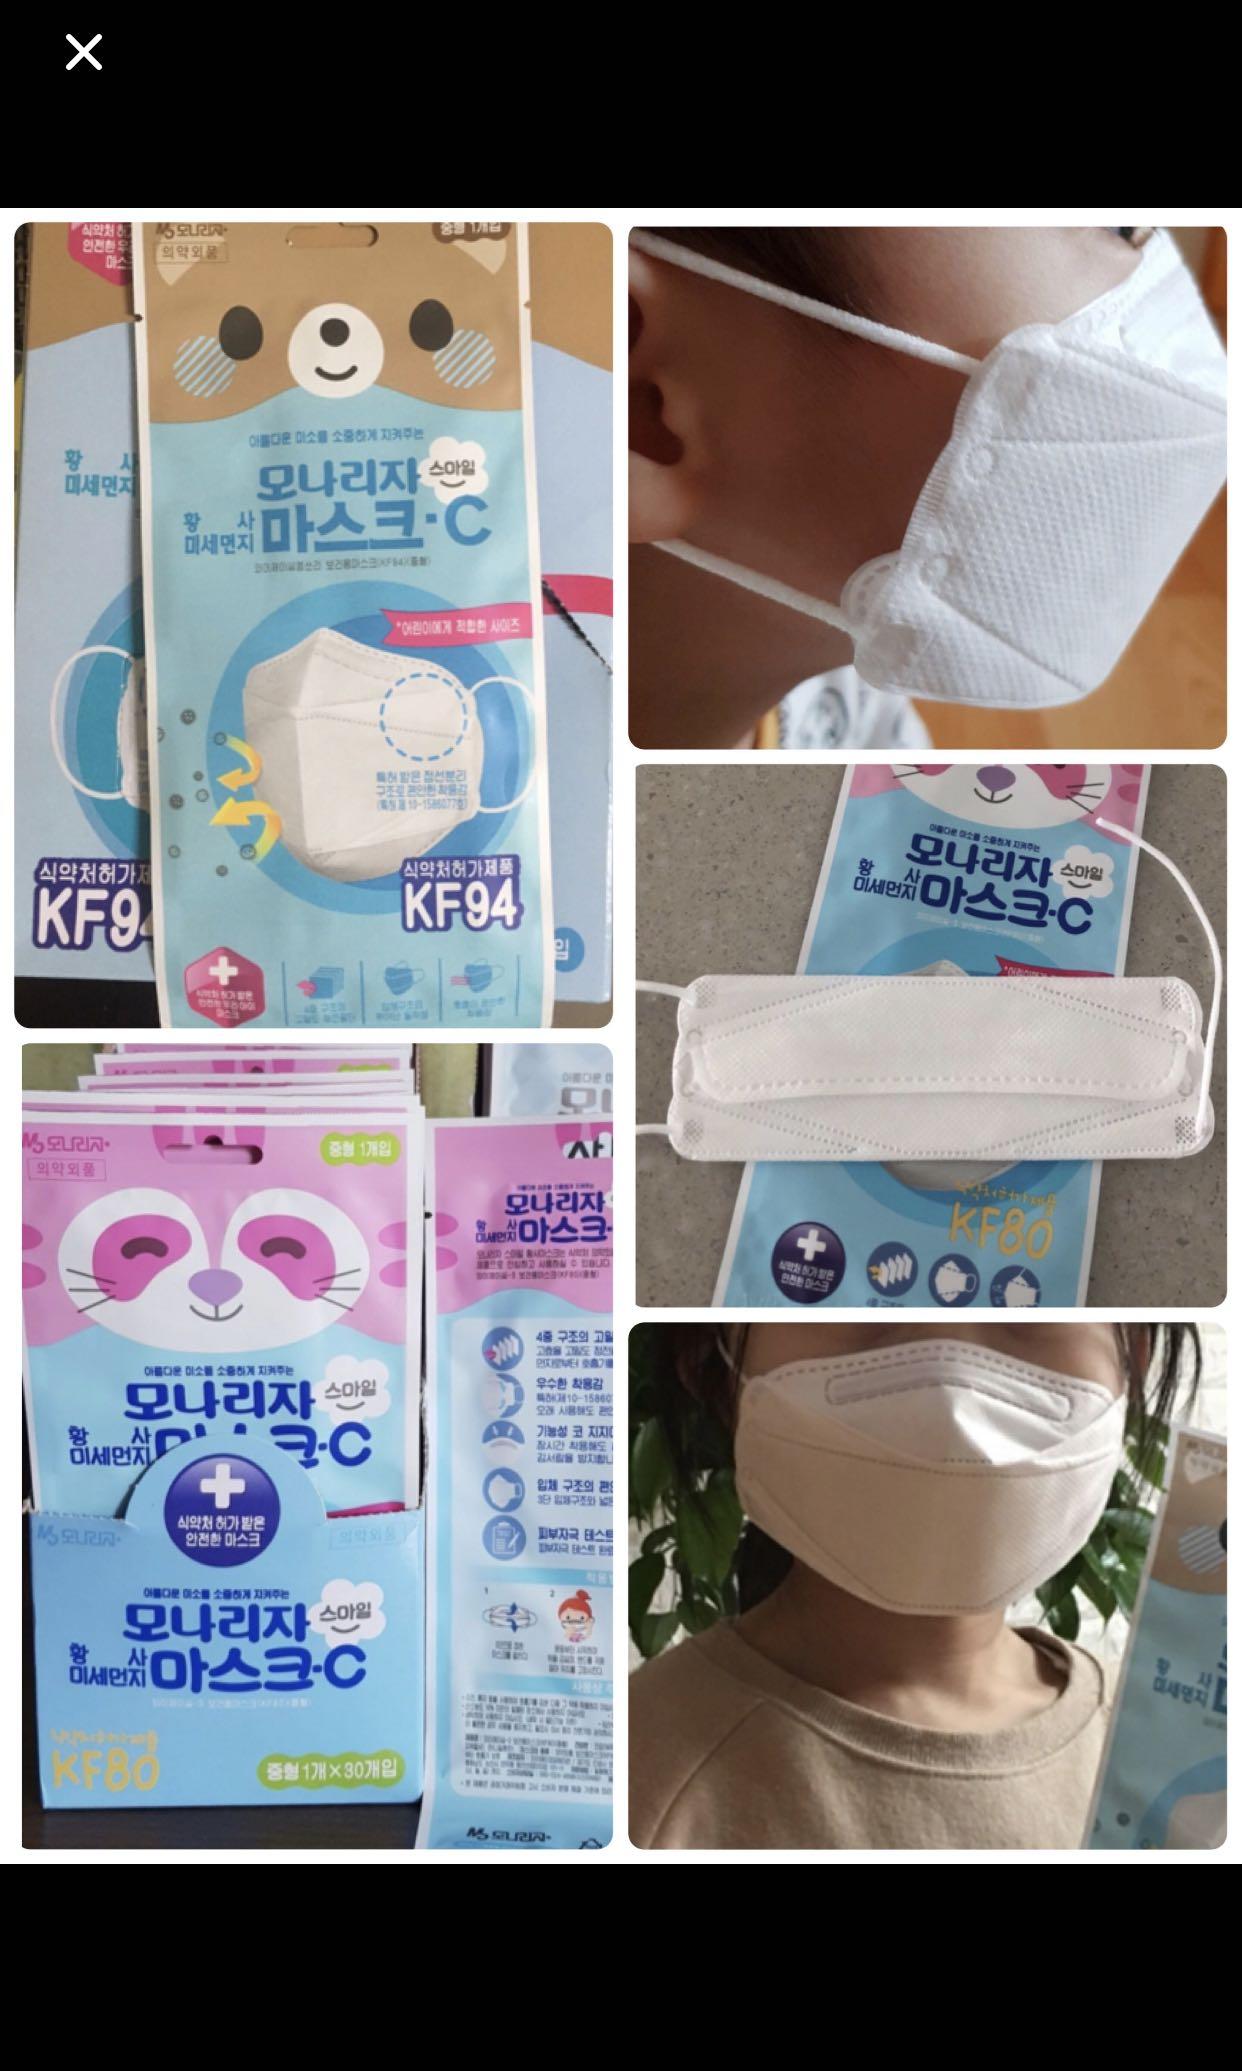 韓國中童kf94 $42/3 包平郵kf80 $30/3 包平郵,包括本地平郵,國際空郵等郵費都不清楚,印刷物指新聞紙,平郵的信件和郵包, 其他 - Carousell